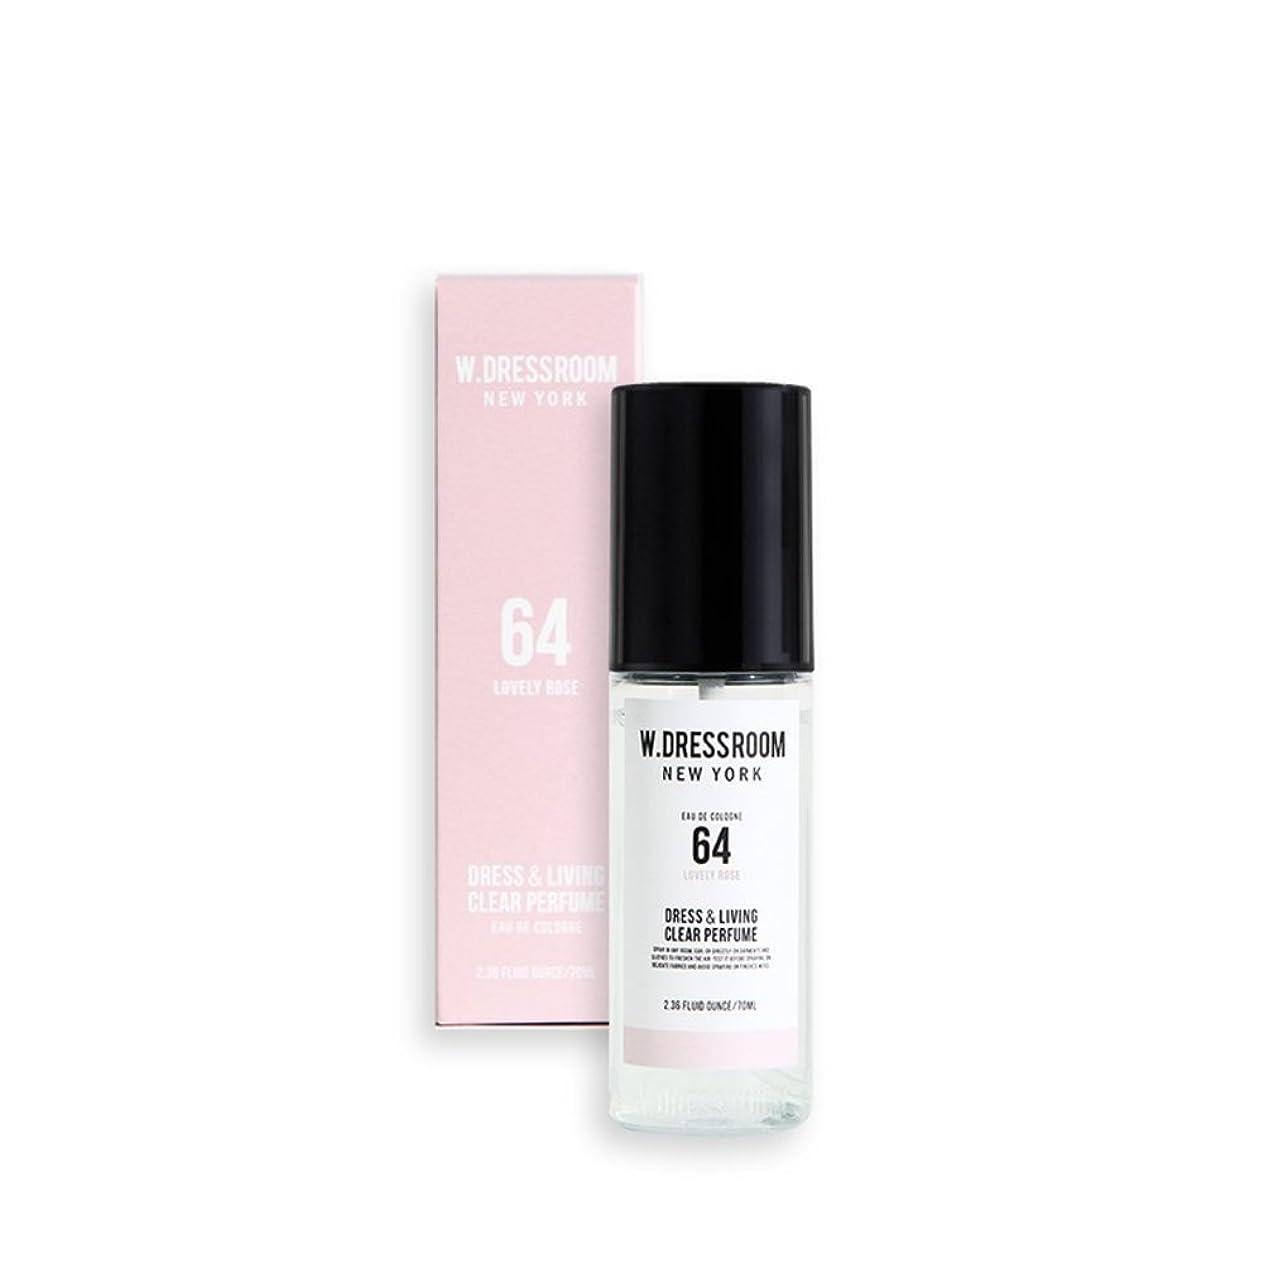 チェリーおとこ同等のW.DRESSROOM Dress & Living Clear Perfume fragrance 70ml (#No.64 Lovely Rose)/ダブルドレスルーム ドレス&リビング クリア パフューム 70ml (#No.64 Lovely Rose)